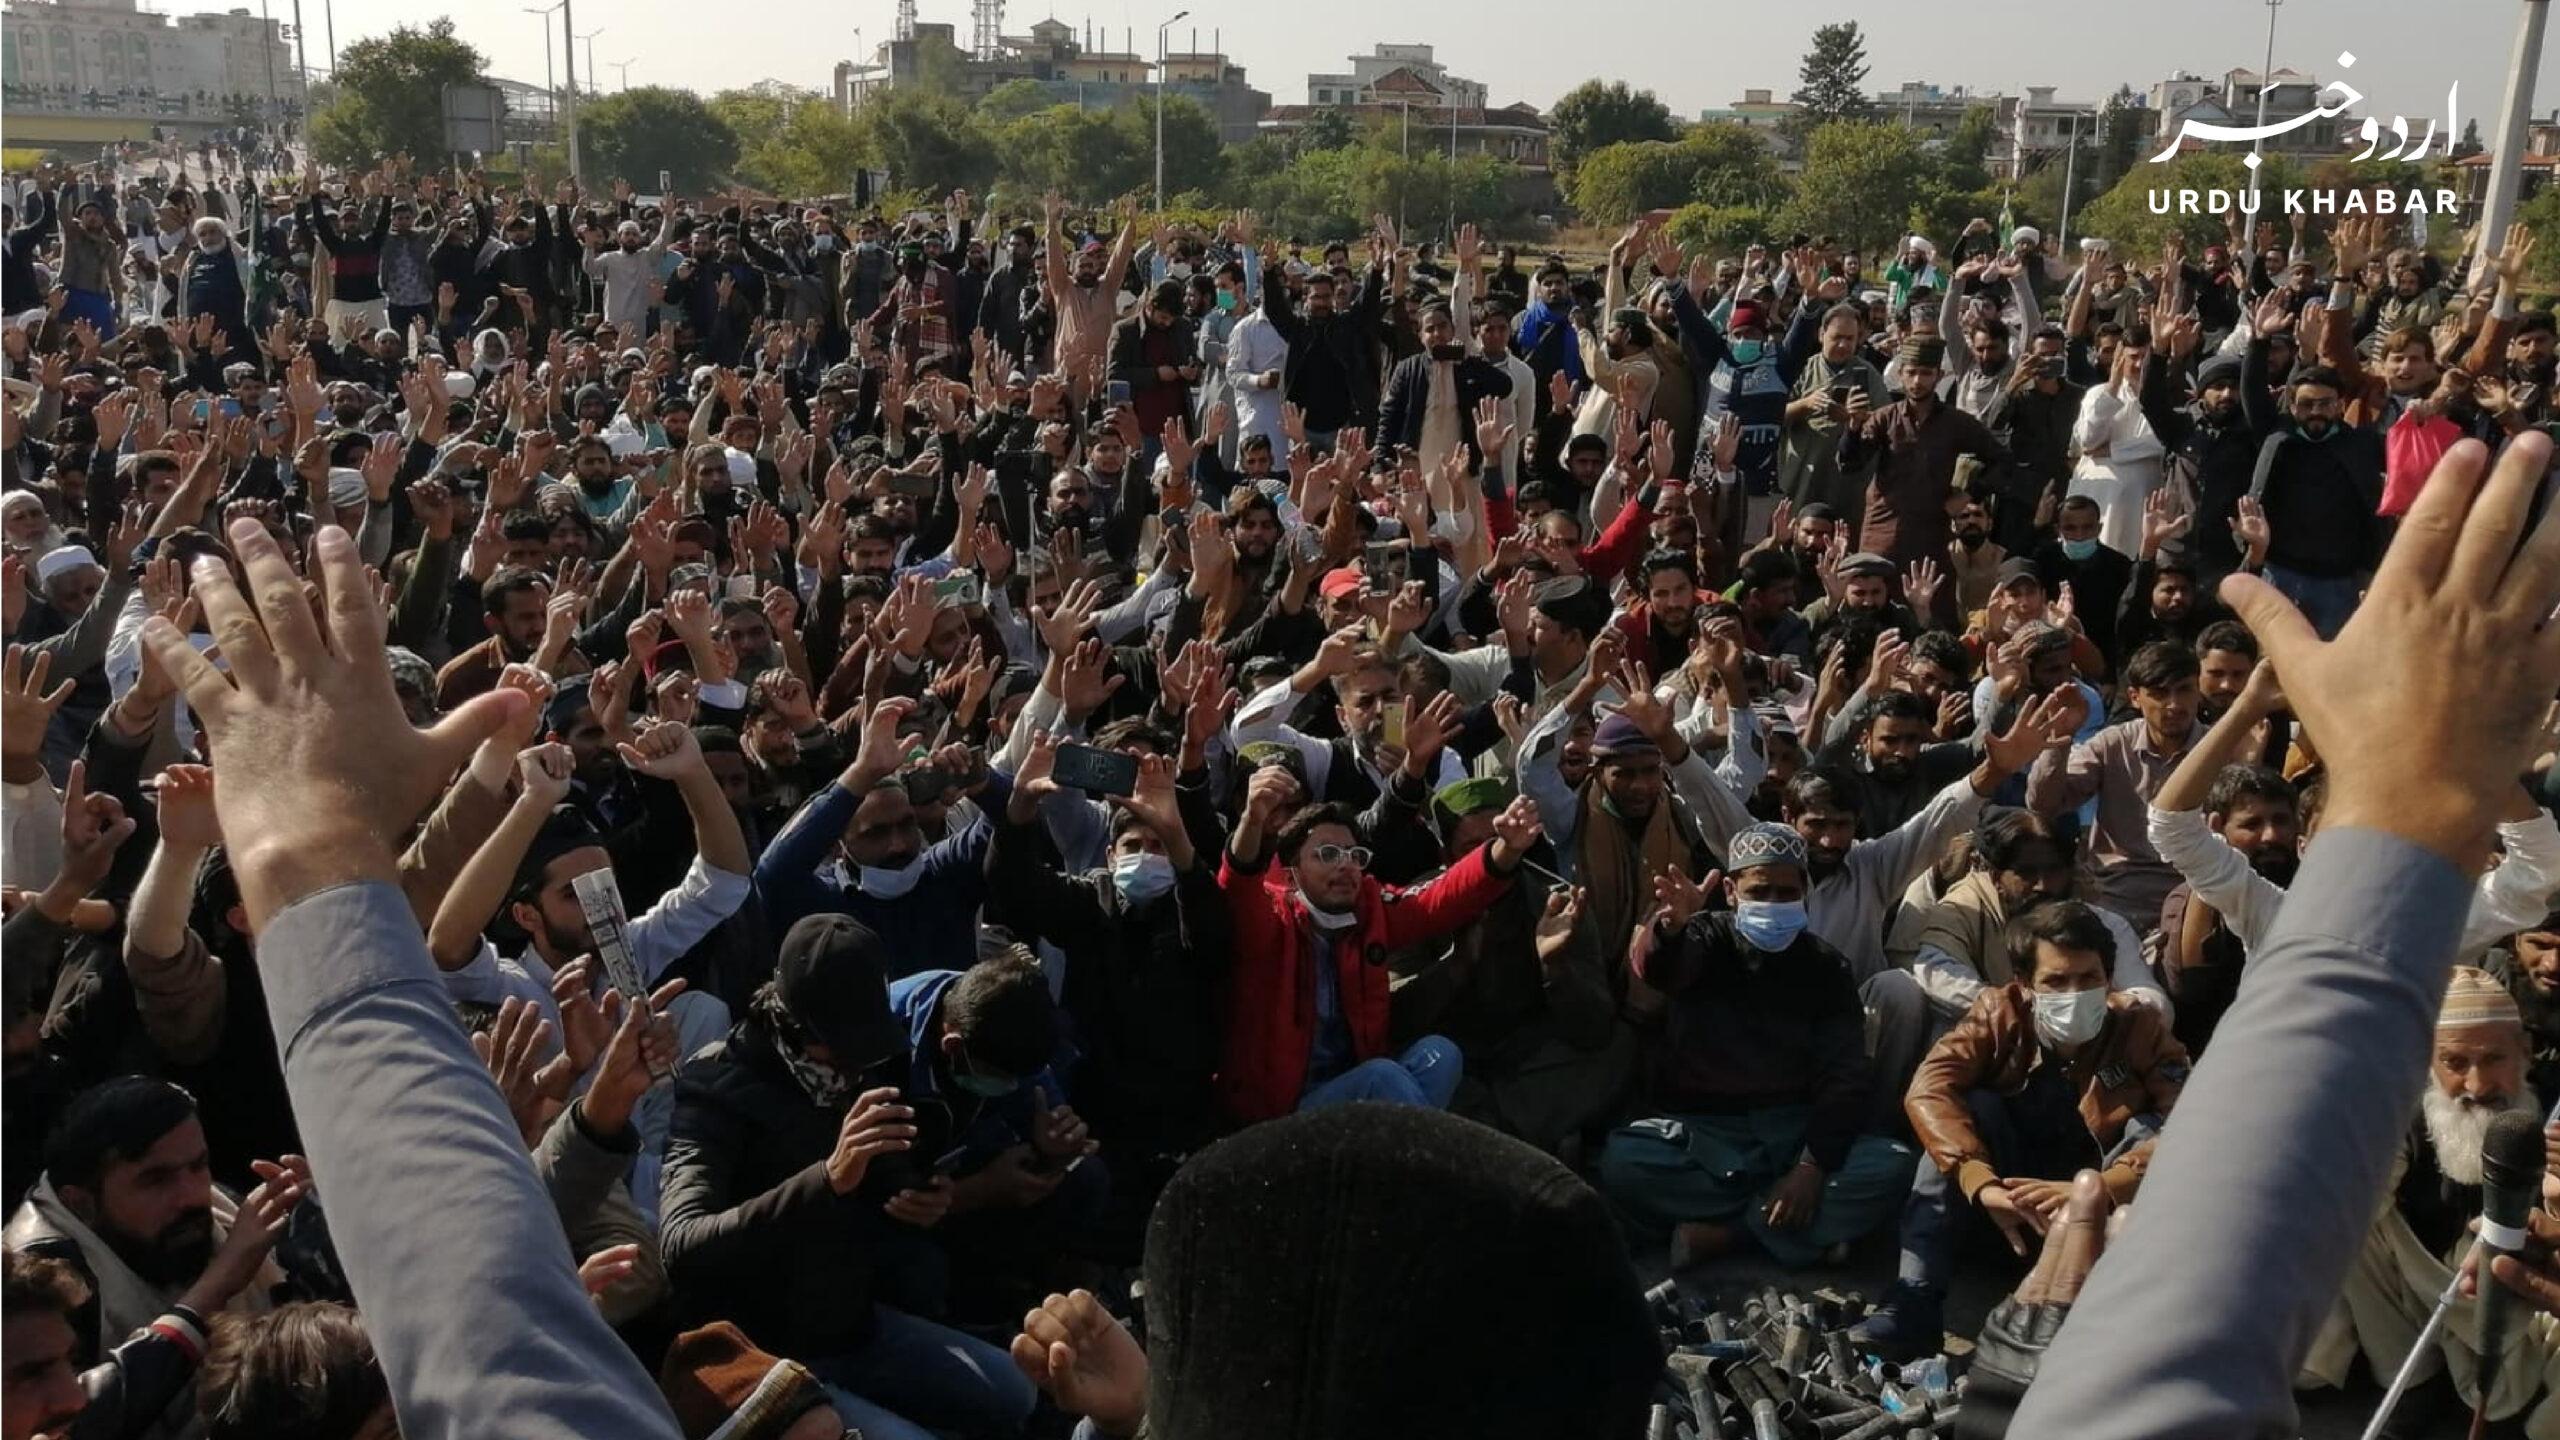 تحریک لبیک پاکستان کا ملک گیر احتجاج، شہر بند، شہری پریشان